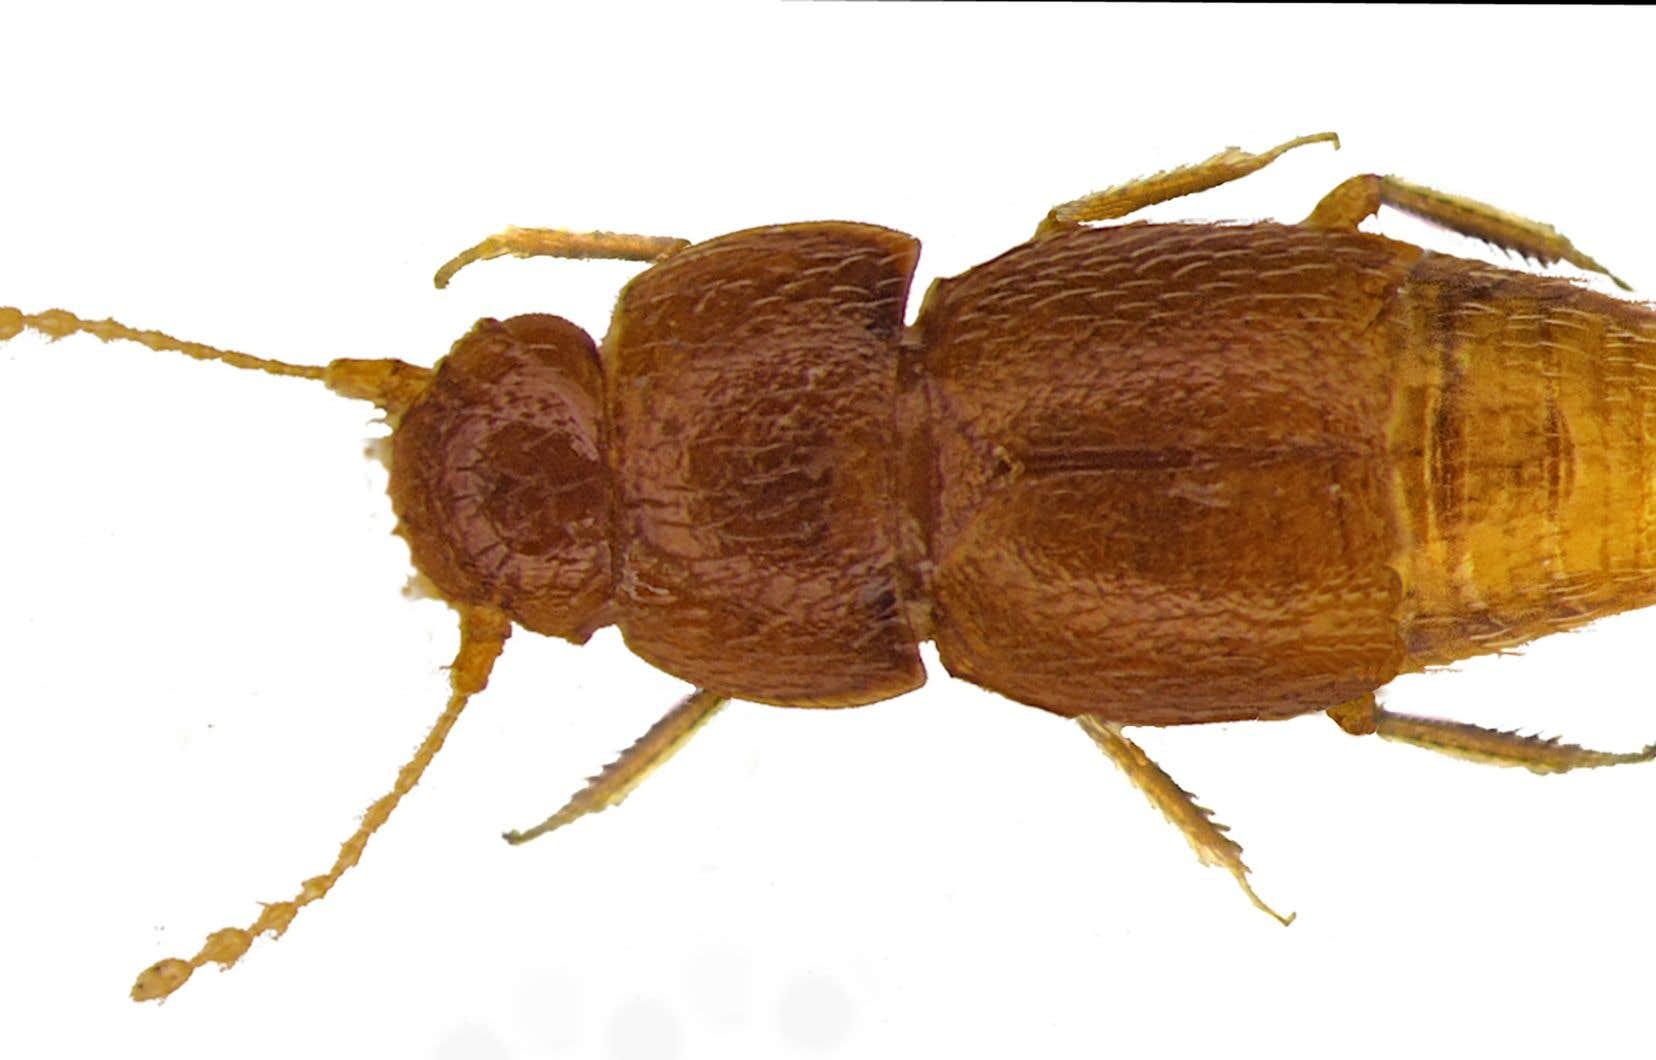 <em>Nelloptodes gretae</em> mesure moins d'un millimètre de long et ne possède ni yeux ni ailes.